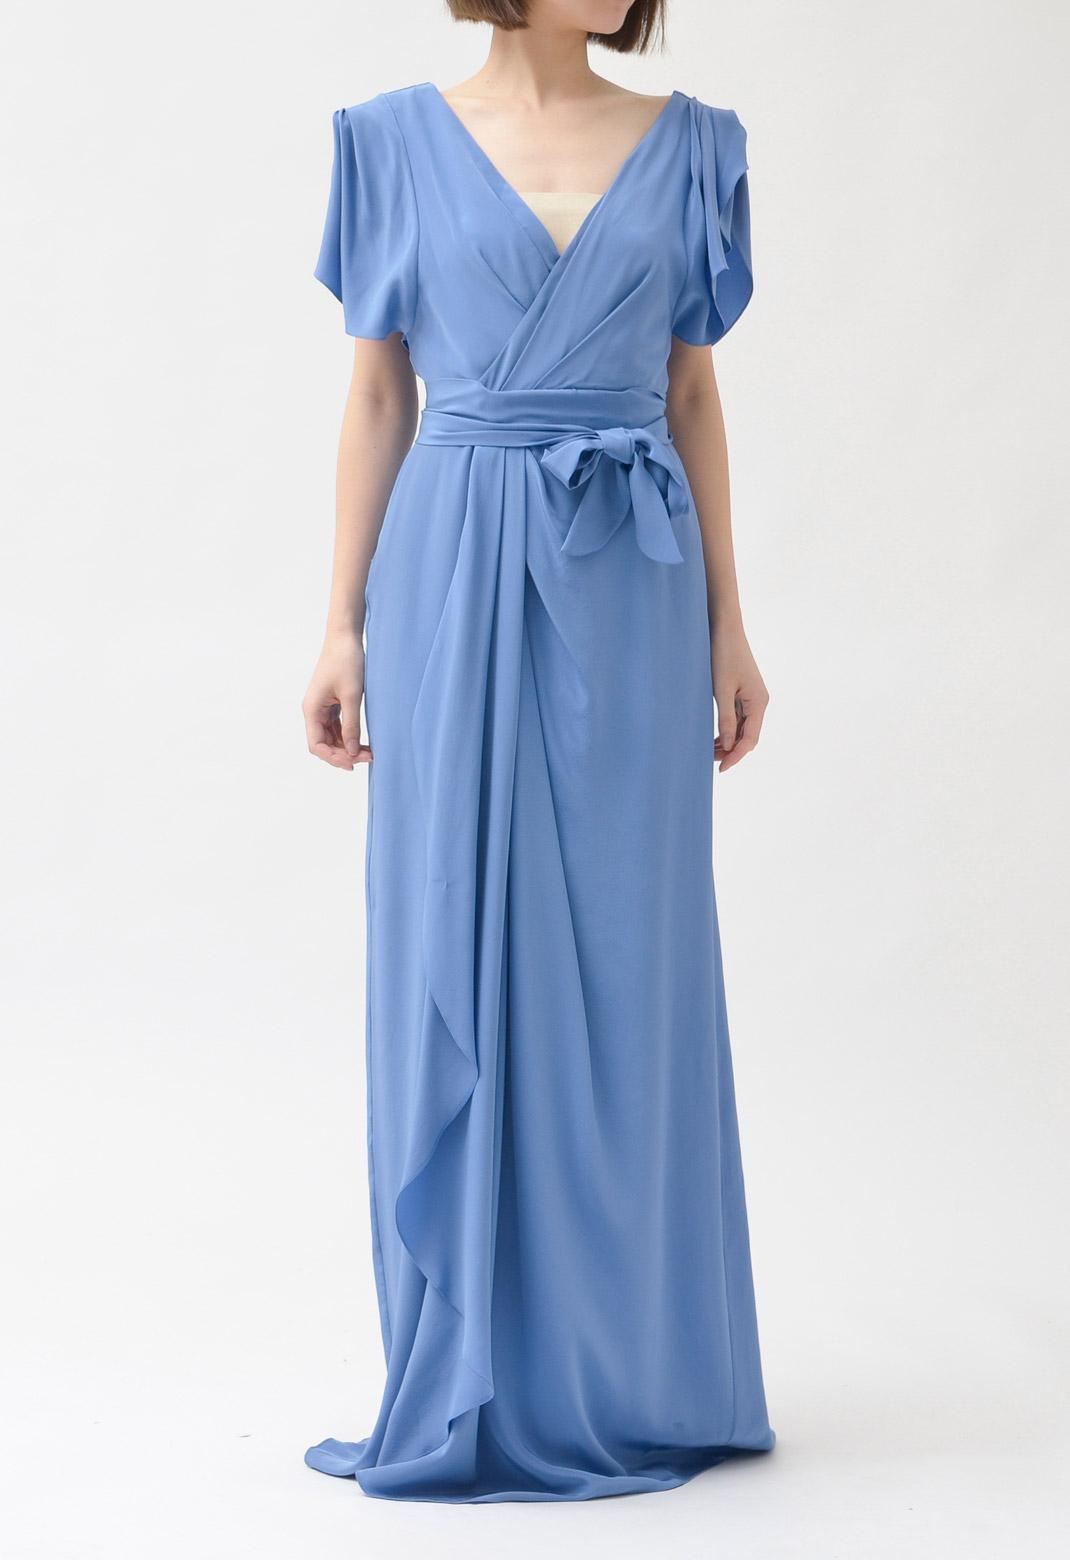 ウエストリボン シルク ロングドレス